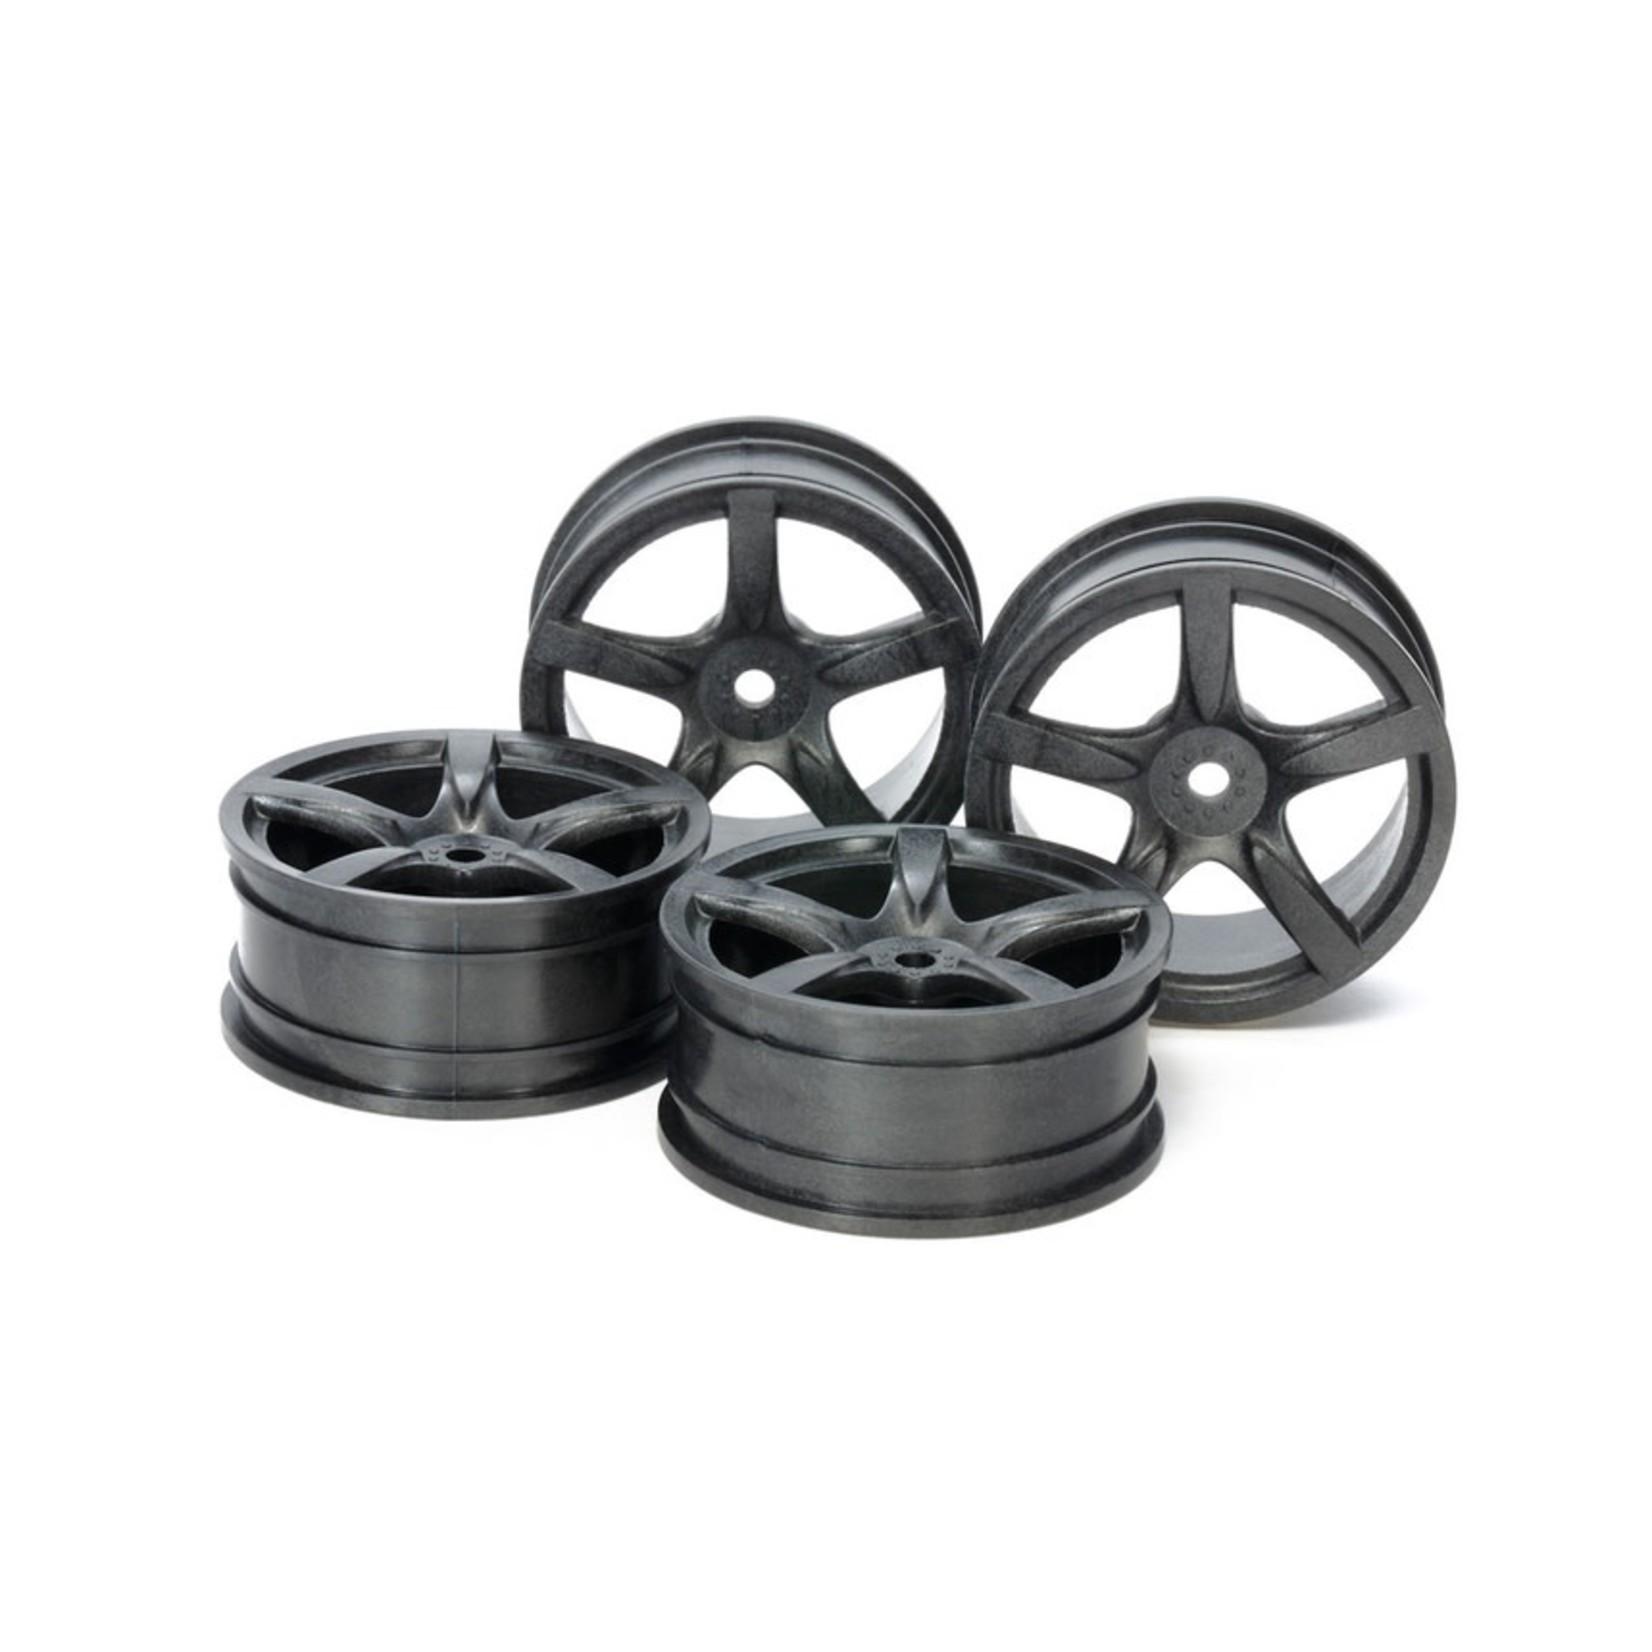 Tamiya 24mm Med Narrow 5 sp Wheels (black)